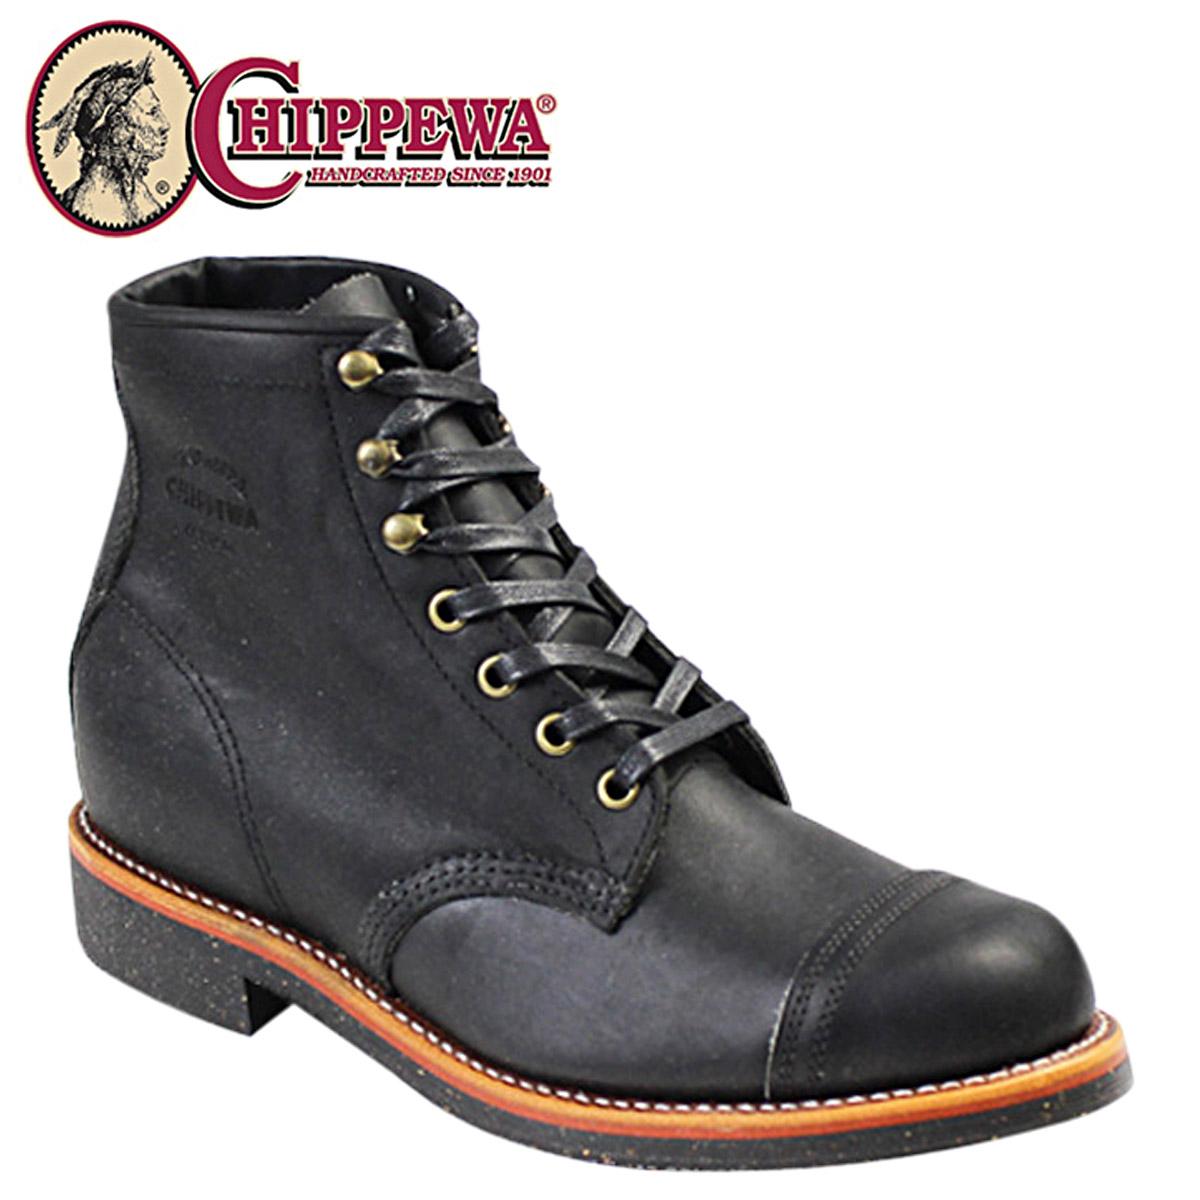 チペワ CHIPPEWA ブーツ 6インチ ホームステッド ブラック 1901M31 6INCH HOMESTEAD BOOT Dワイズ レザー メンズ